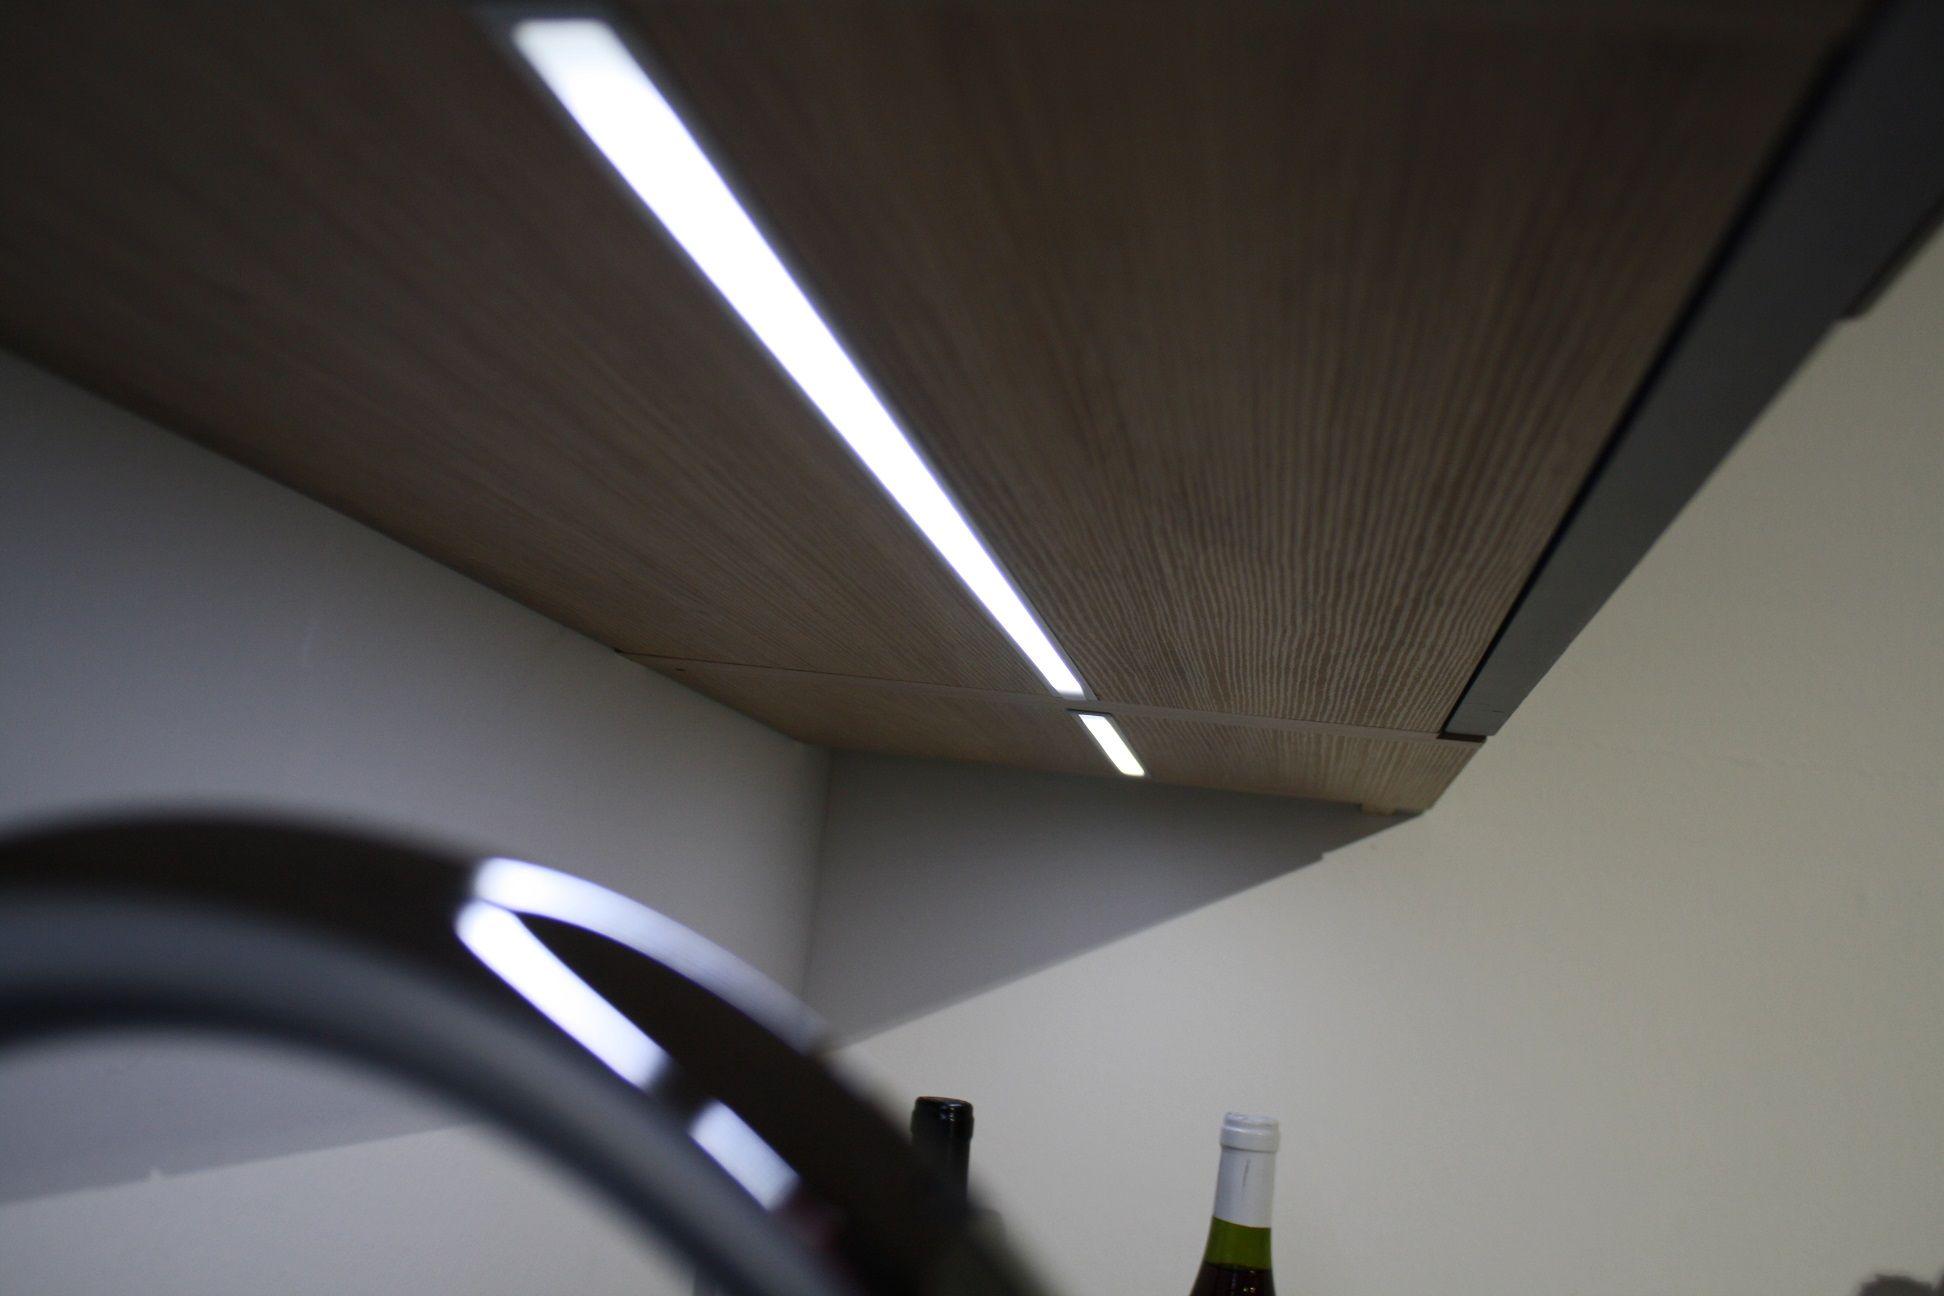 Grijze Keuken Met Houten Blad : Grijze massief houten keuken!Een prachtige keuken met al het benodigde